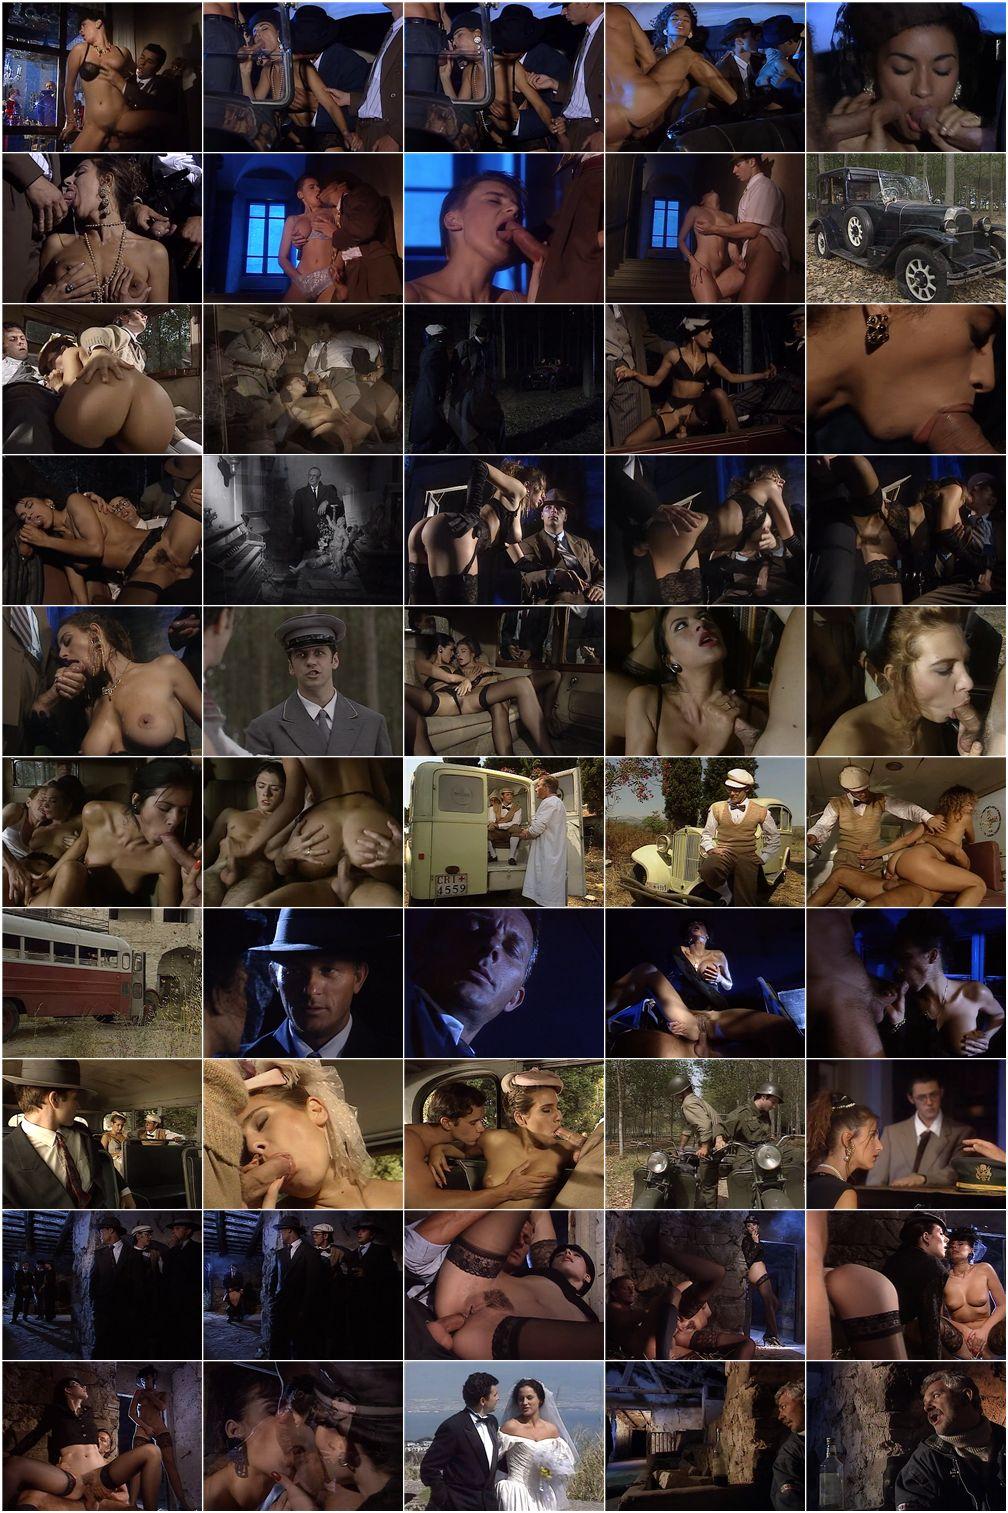 фильмы итталия порно